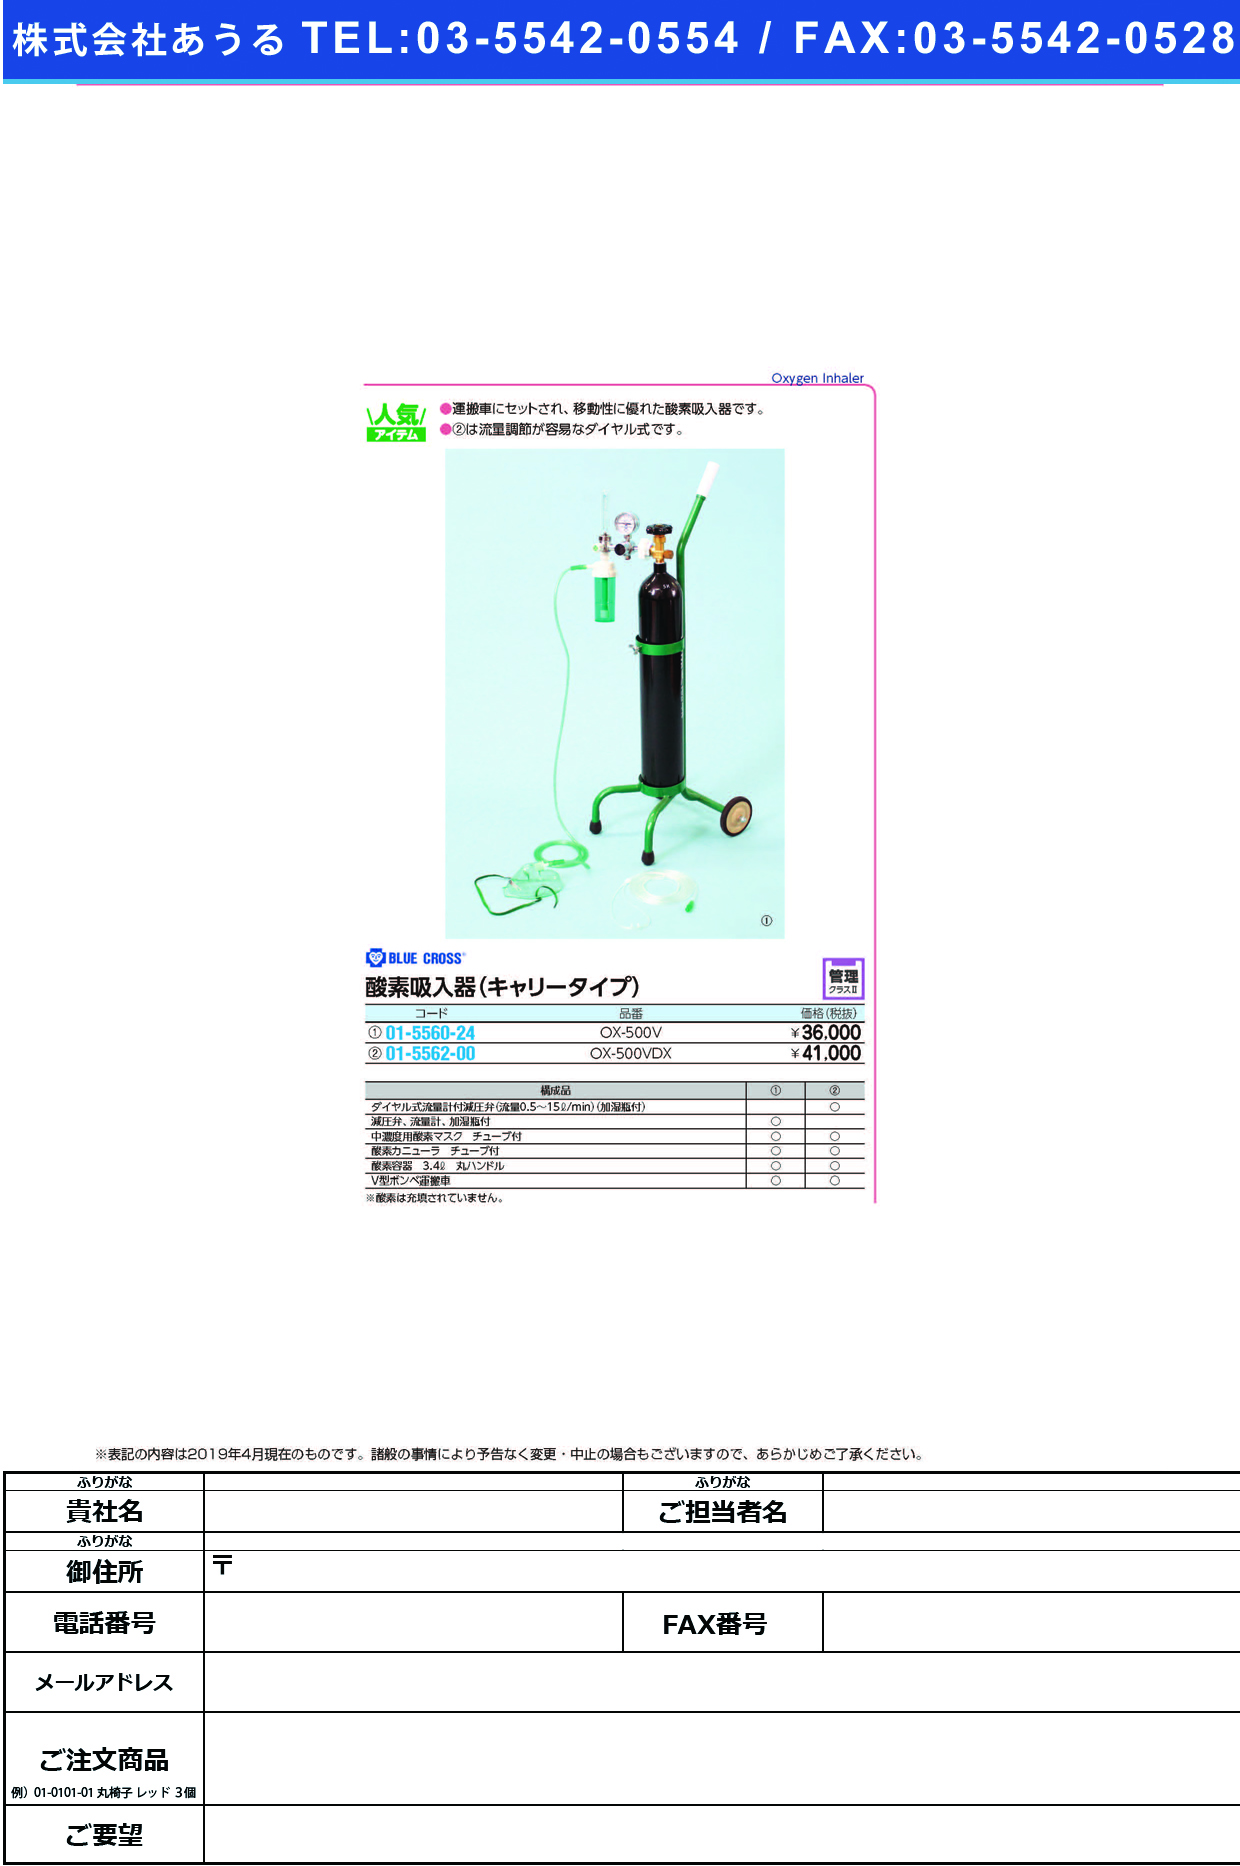 (01-5560-24)酸素吸入器(キャリータイプ) OX-500V(サンソナシ) サンソキュウニュウキ(キャリータイプ)(ブルークロス・エマージェンシー)【1組単位】【2019年カタログ商品】